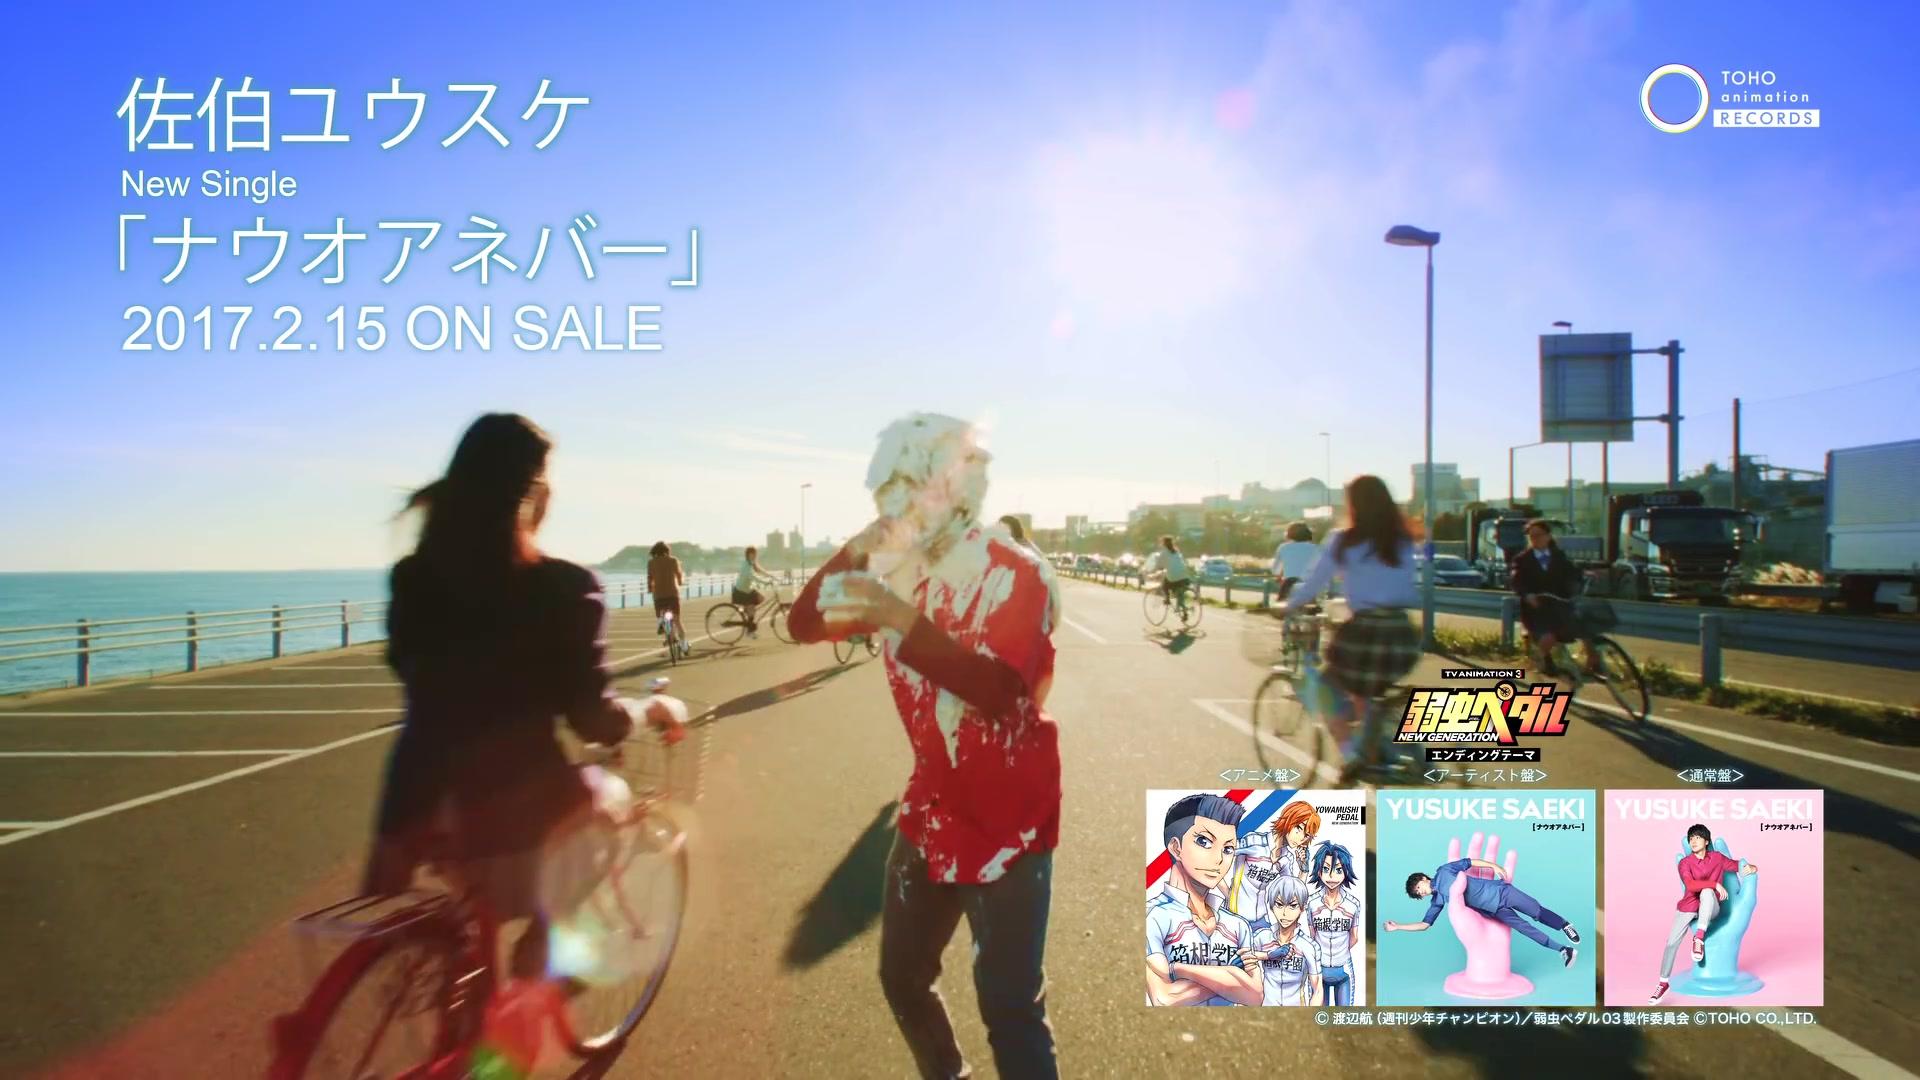 【佐伯ユウスケ】「ナウオアネバー」ミュージックビデオ(Short Ver.)【『弱虫ペダル NEW GENERATION』ED】